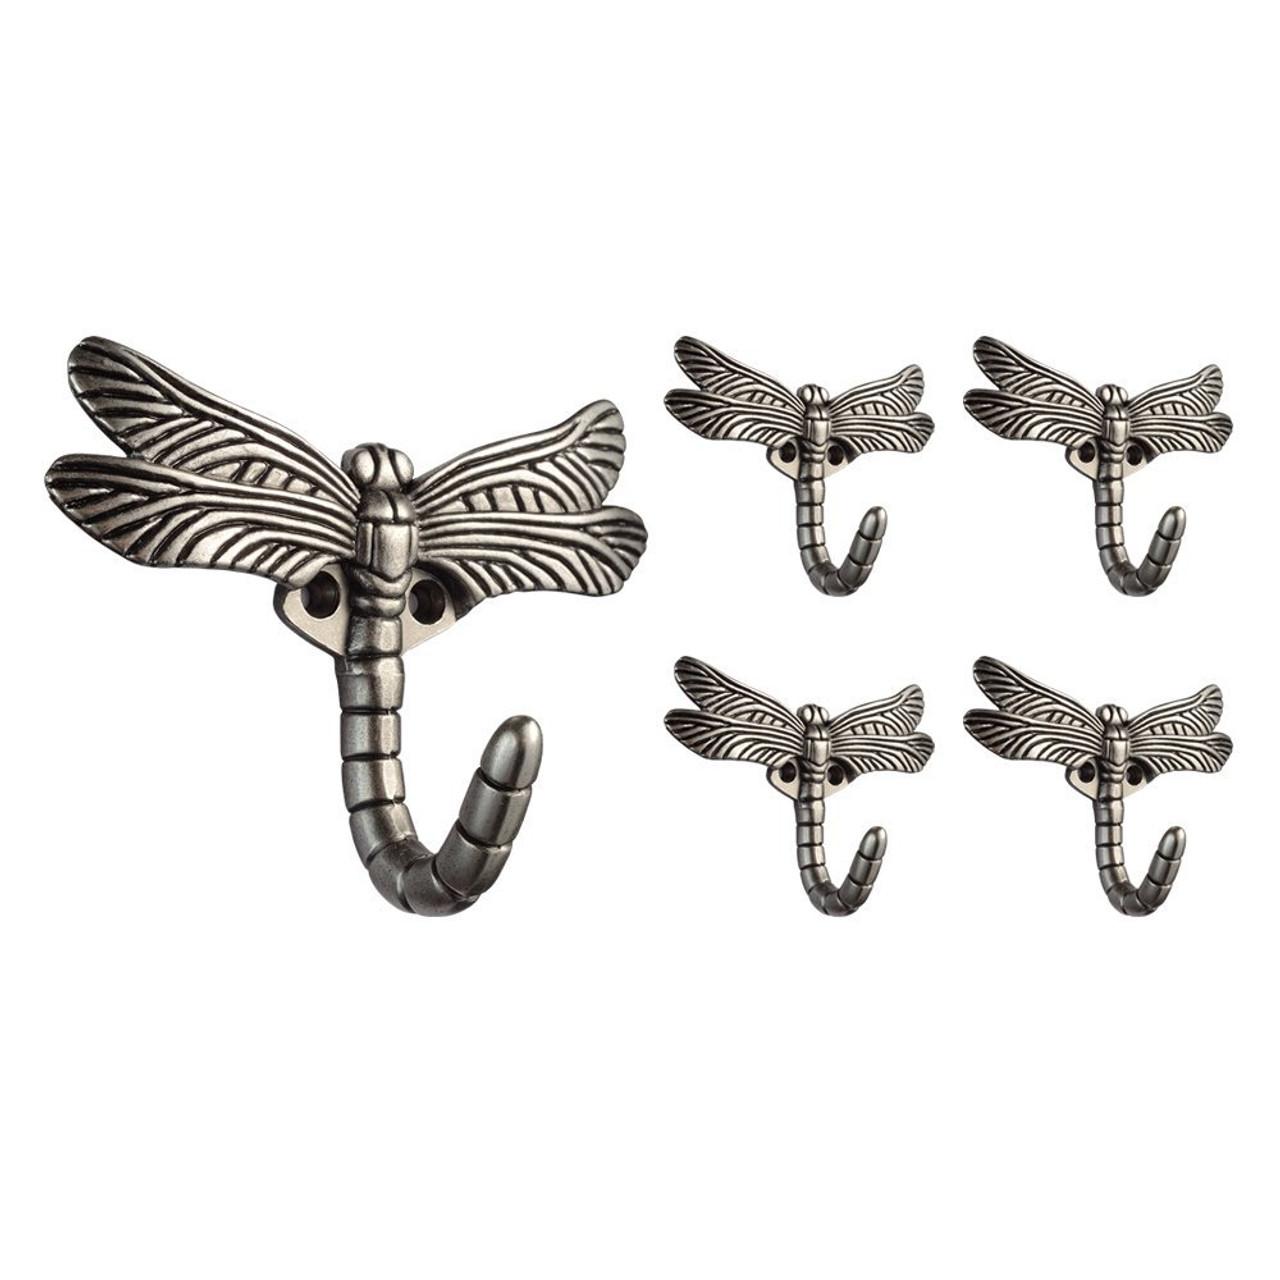 Franklin Brass B46145Y-BSP Brushed Satin Pewter Dragonfly Coat & Hat Hook 5 Pack